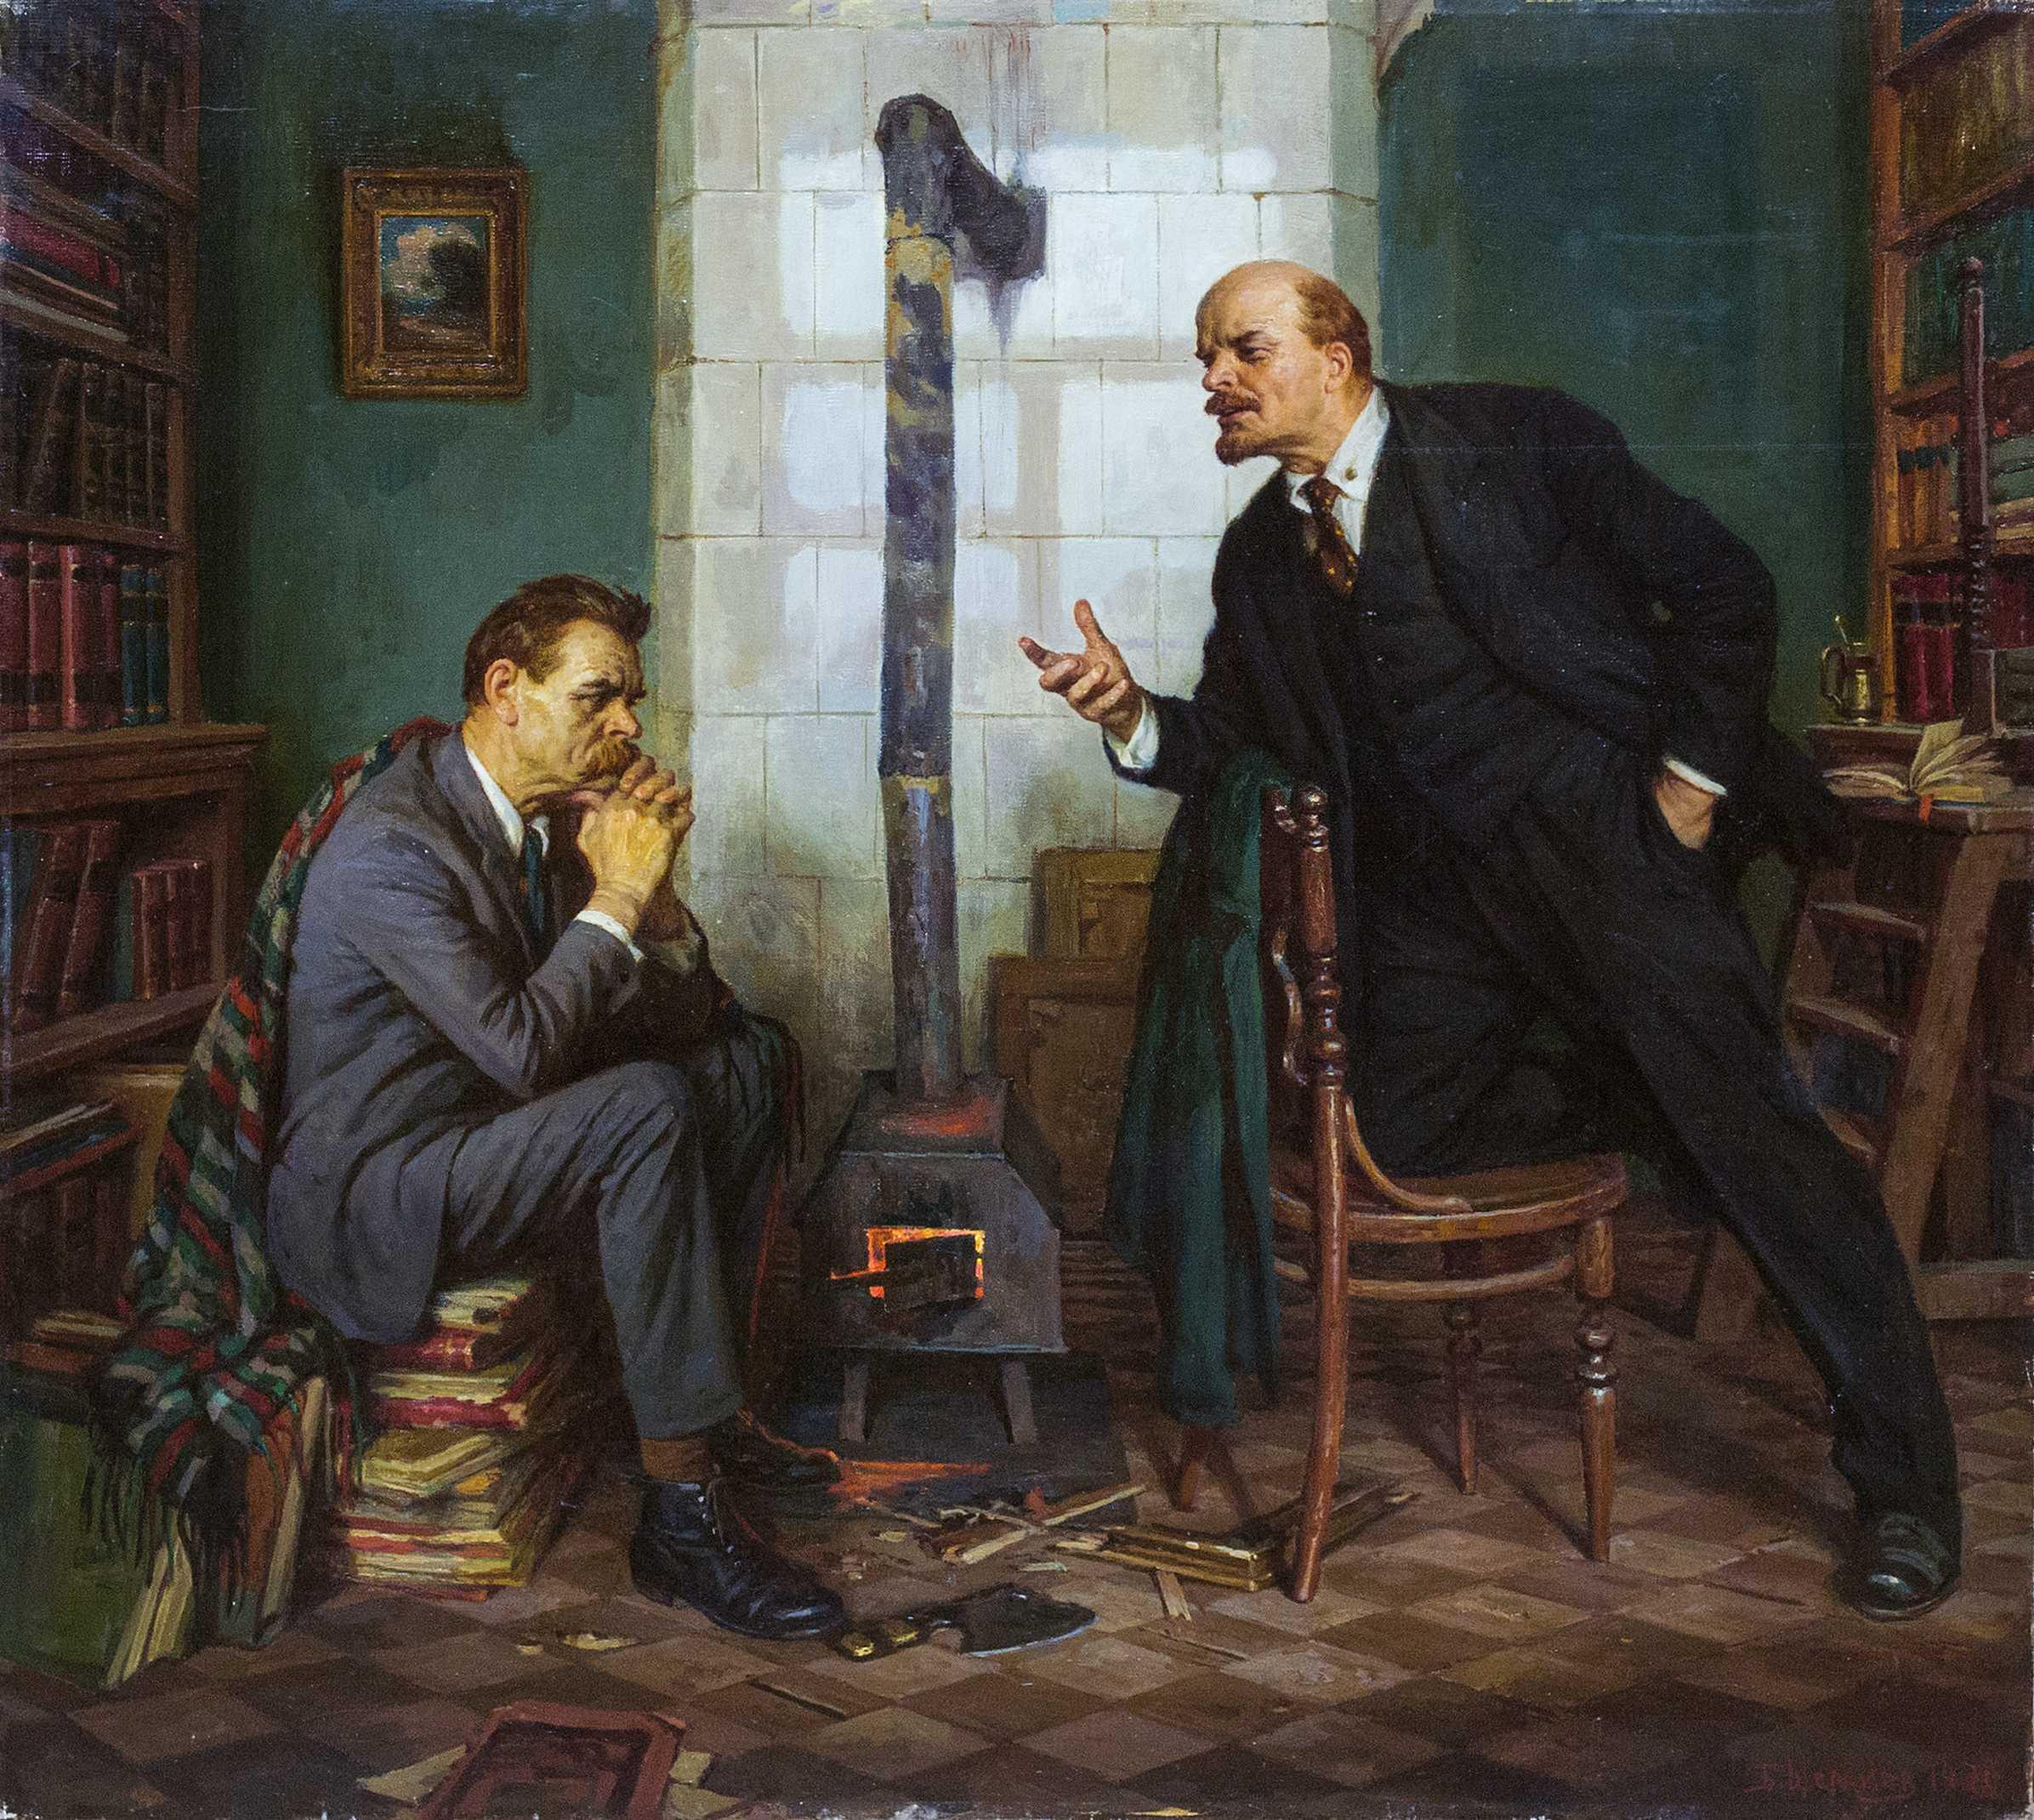 Встреча. 20 октября 1920 г.